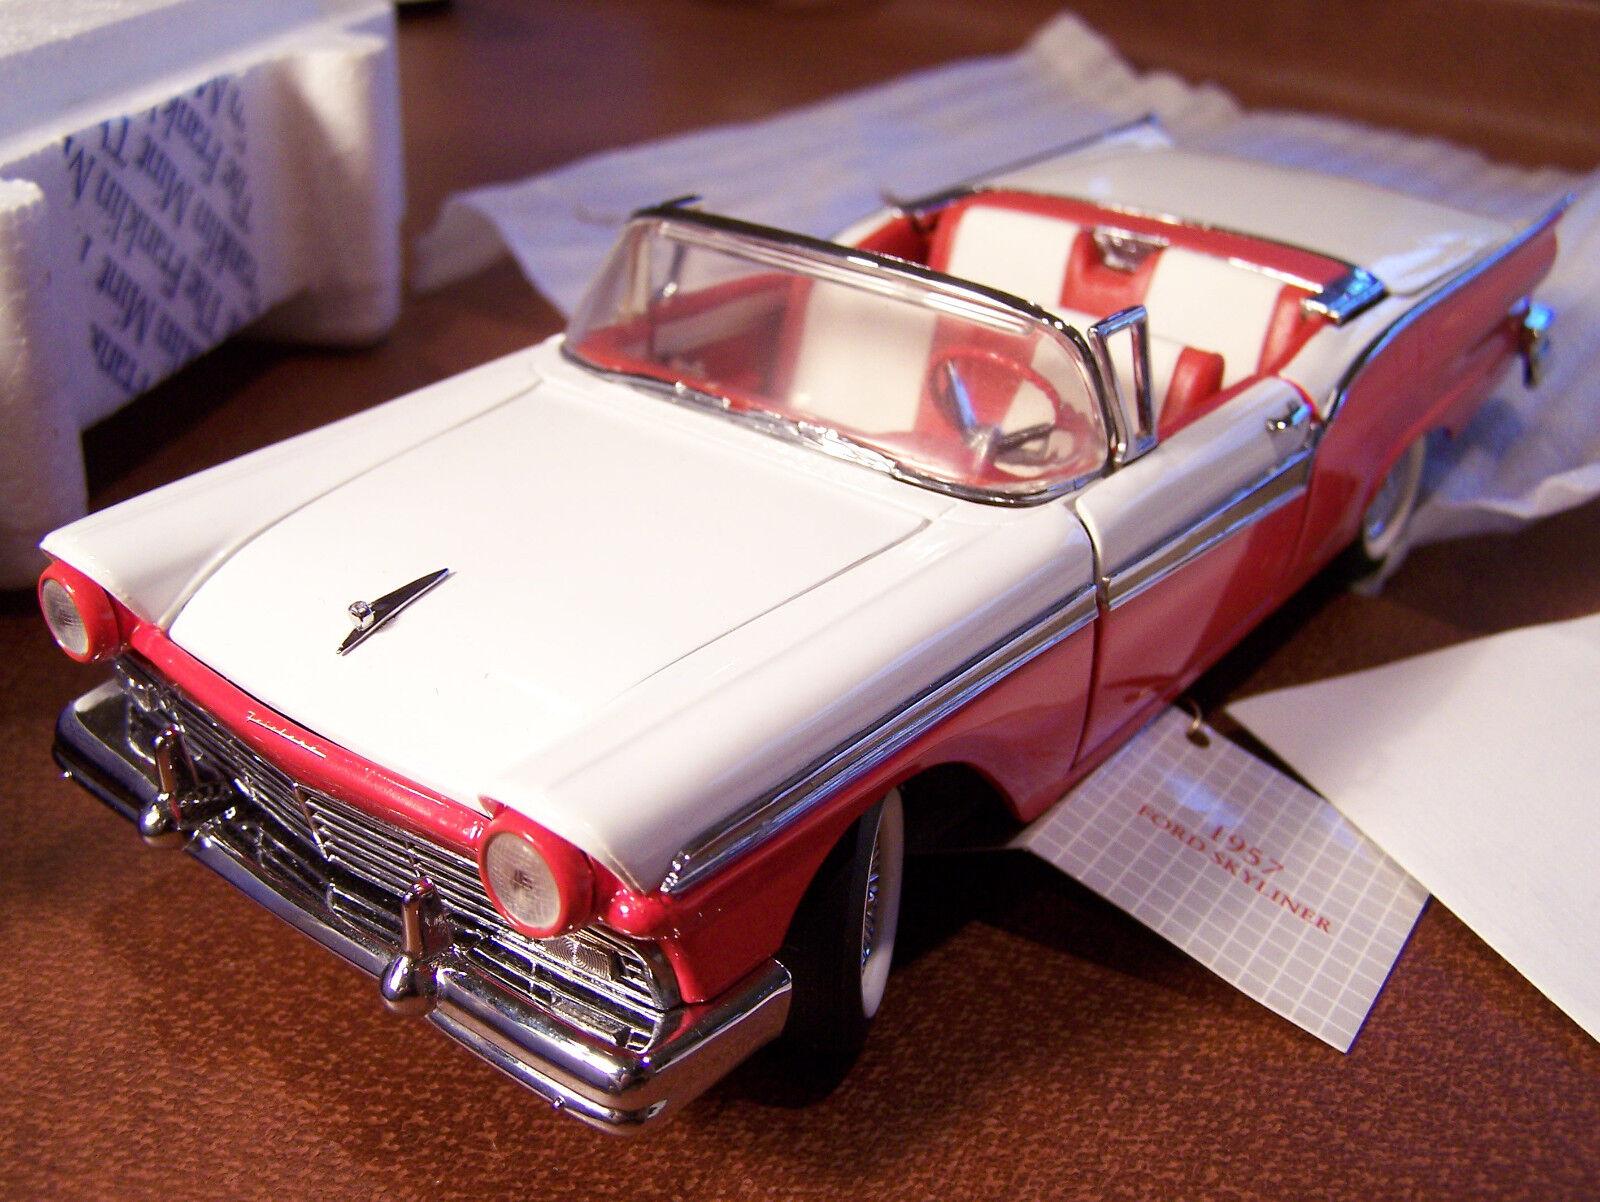 Franklin mint 1957 ford fairlane roll - top - boxen und papierkram